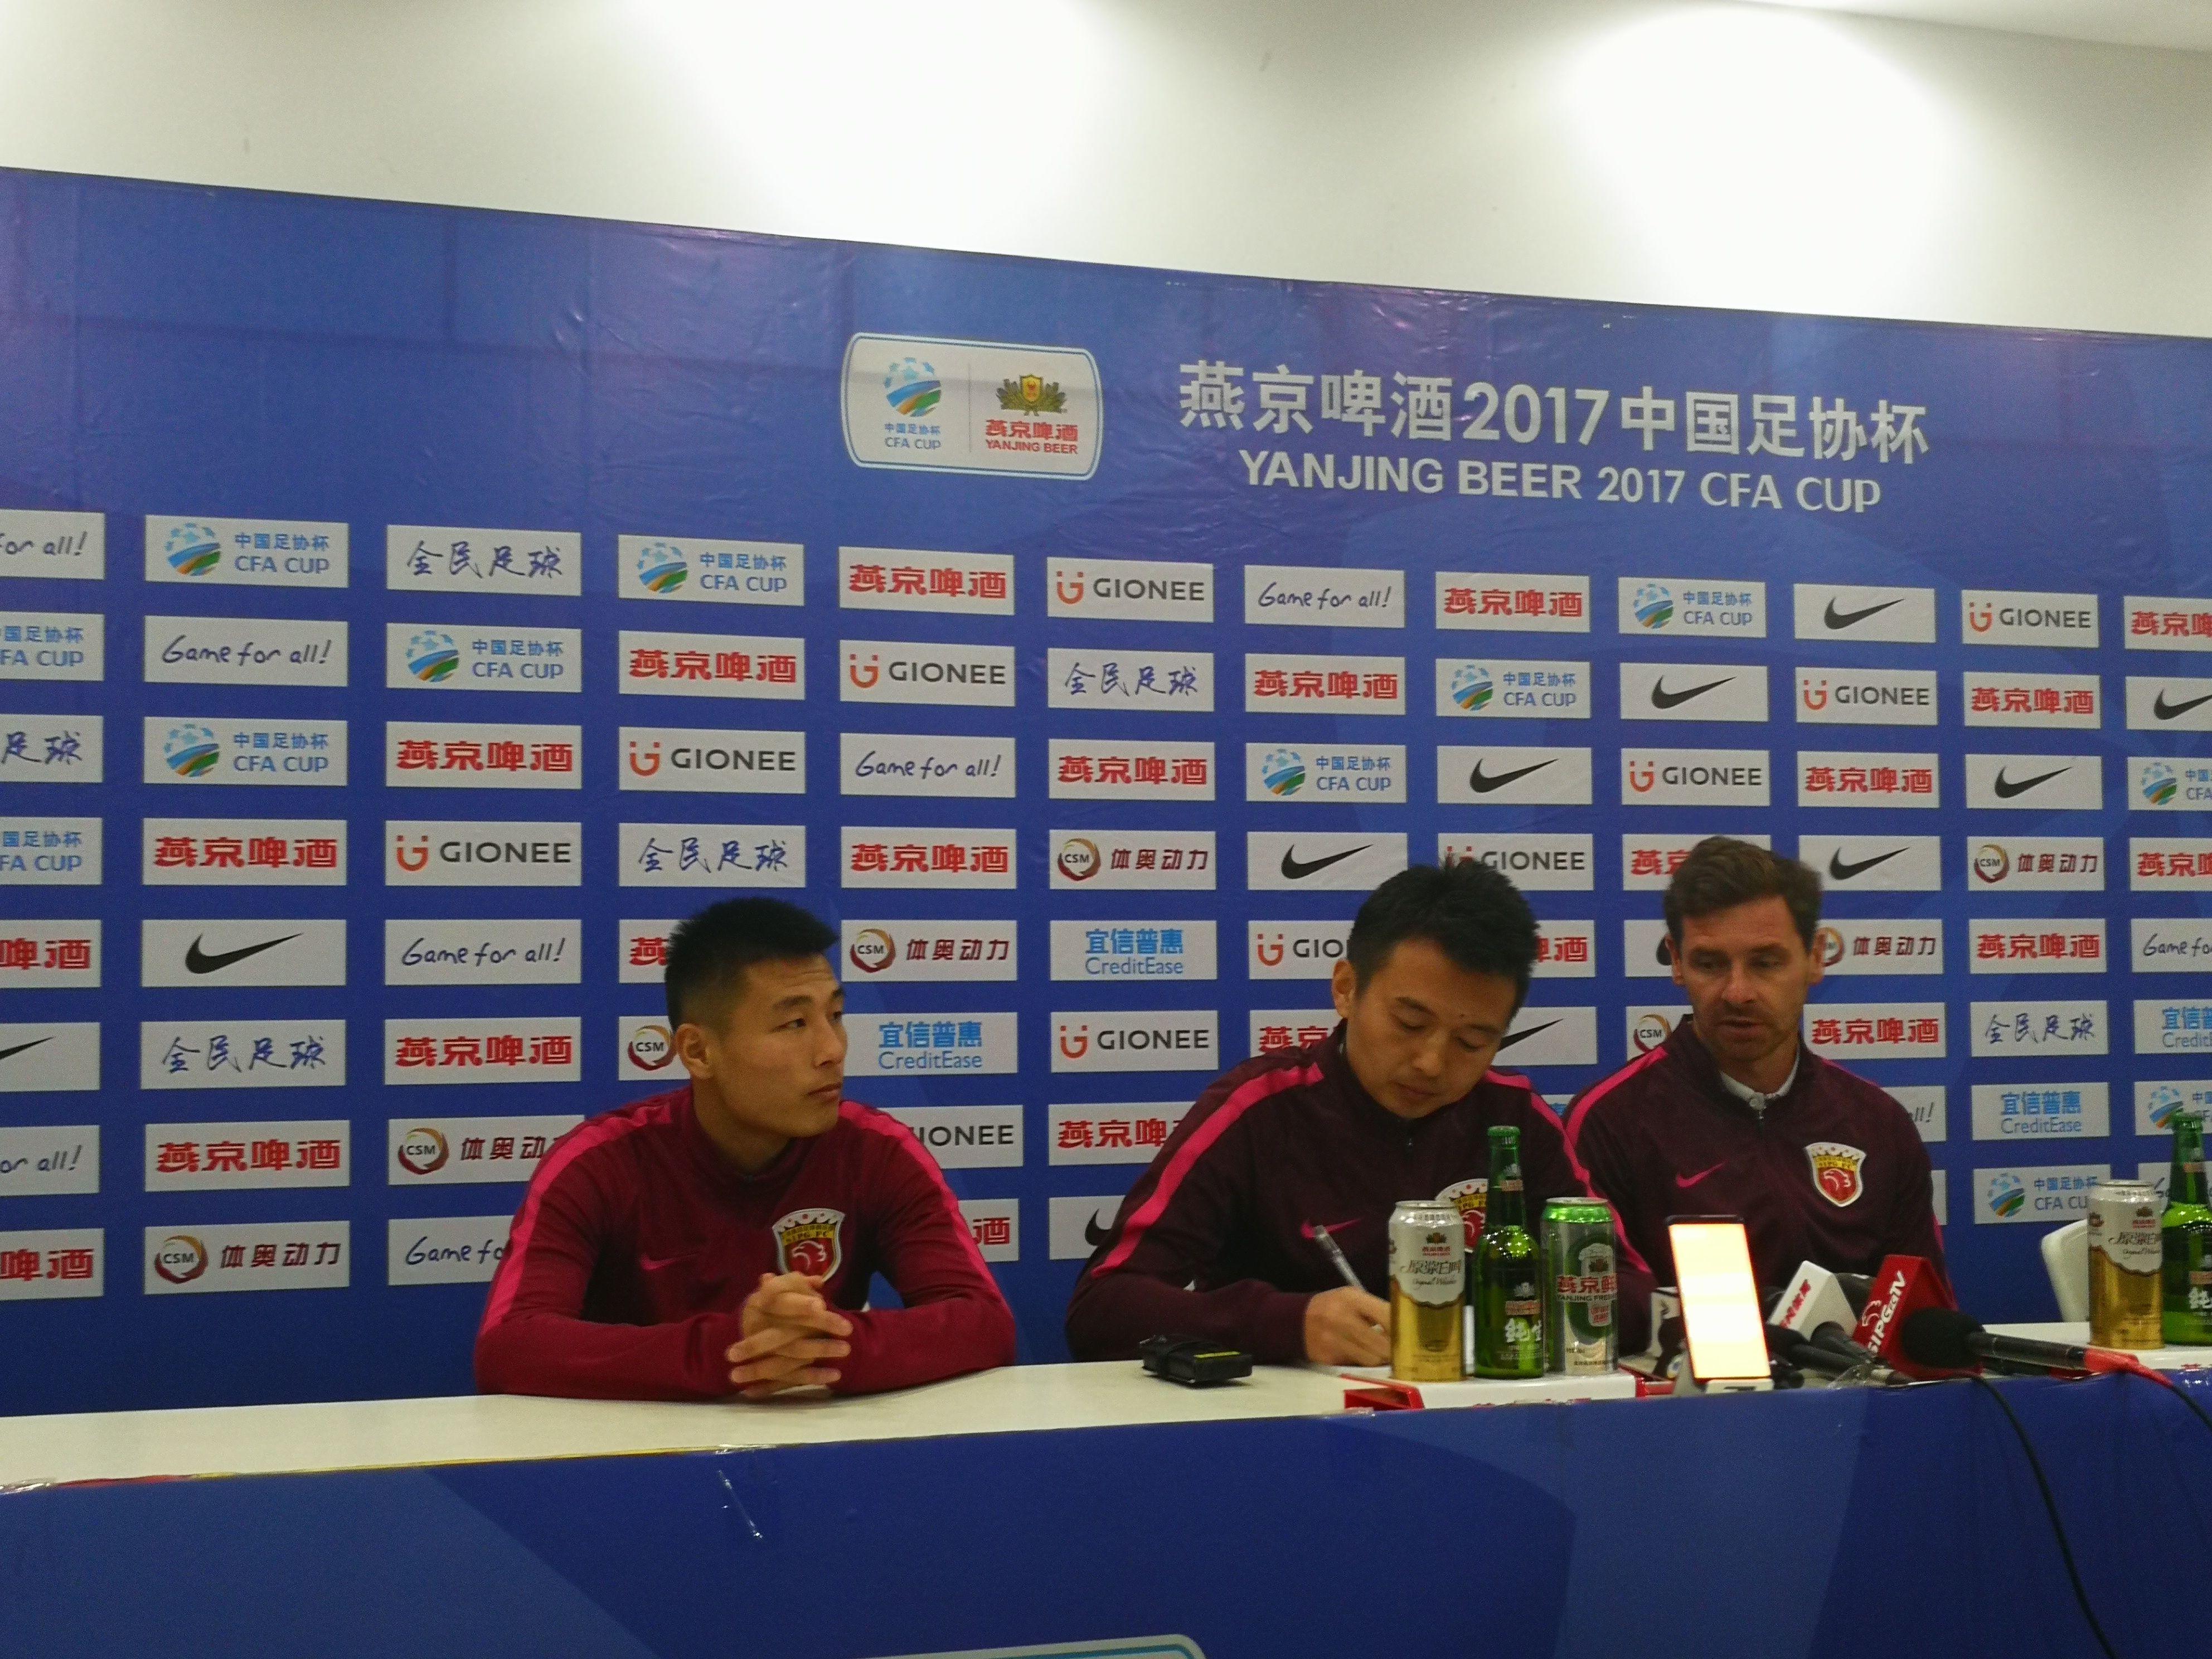 博阿斯:武磊配得上入围亚洲足球先生 我们很了解申花